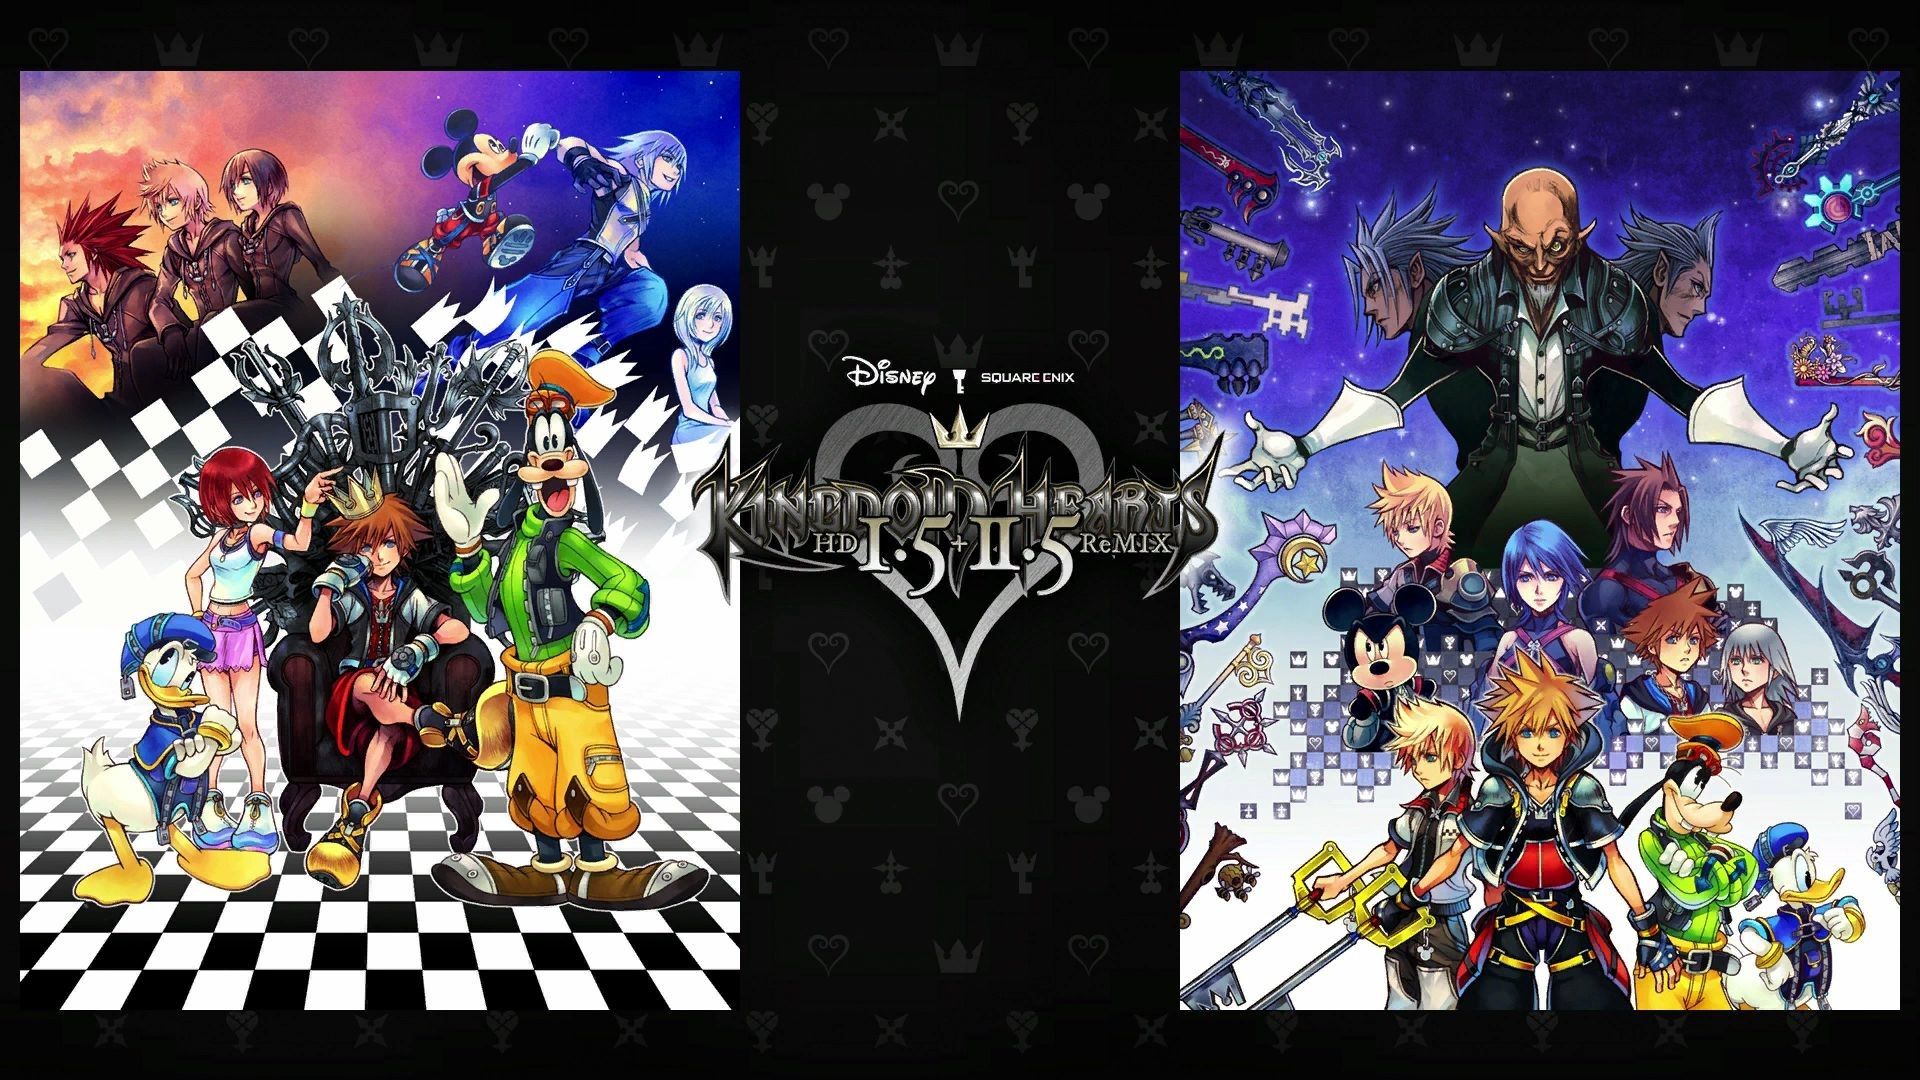 Kingdom Hearts 2 Wallpaper 1920x1080 Posted By John Walker